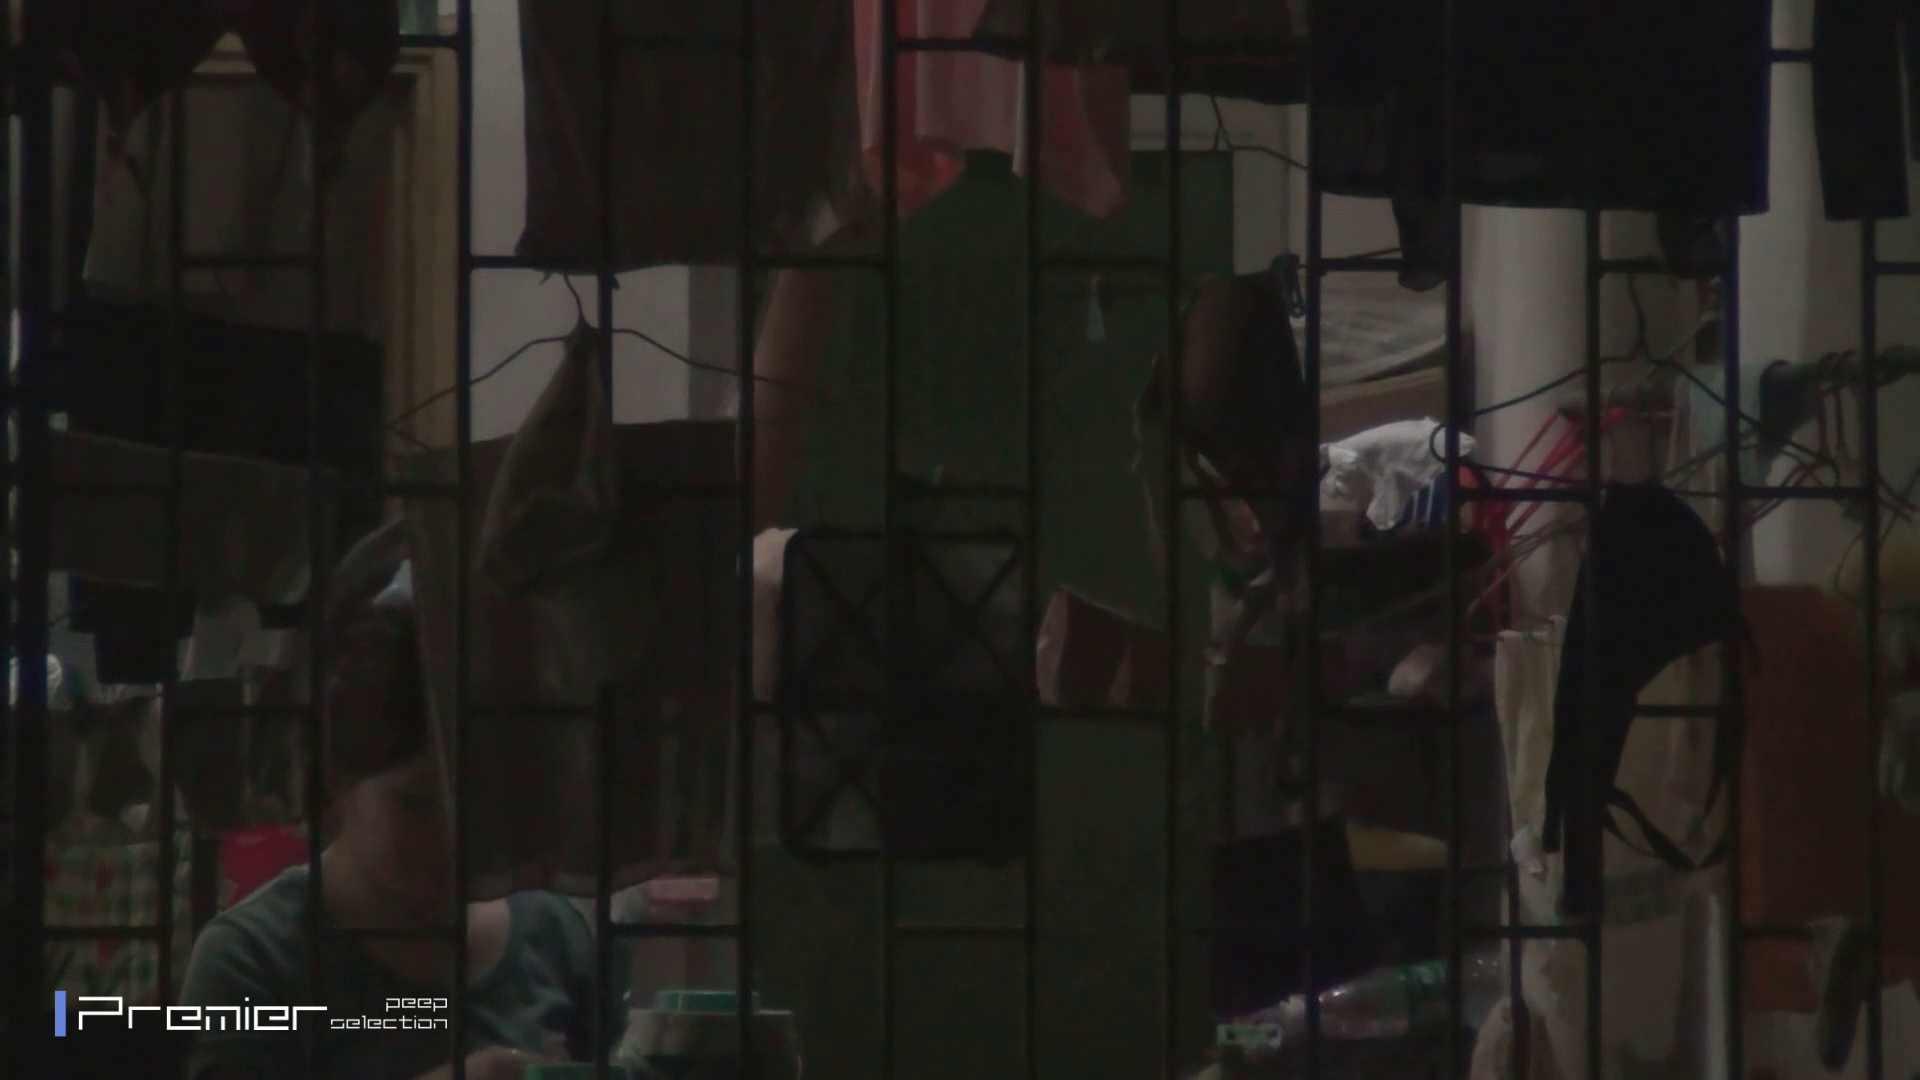 美女の痴態に密着!洗濯物を干す女 Vol.07 美女H映像 | 洗面所  29画像 20